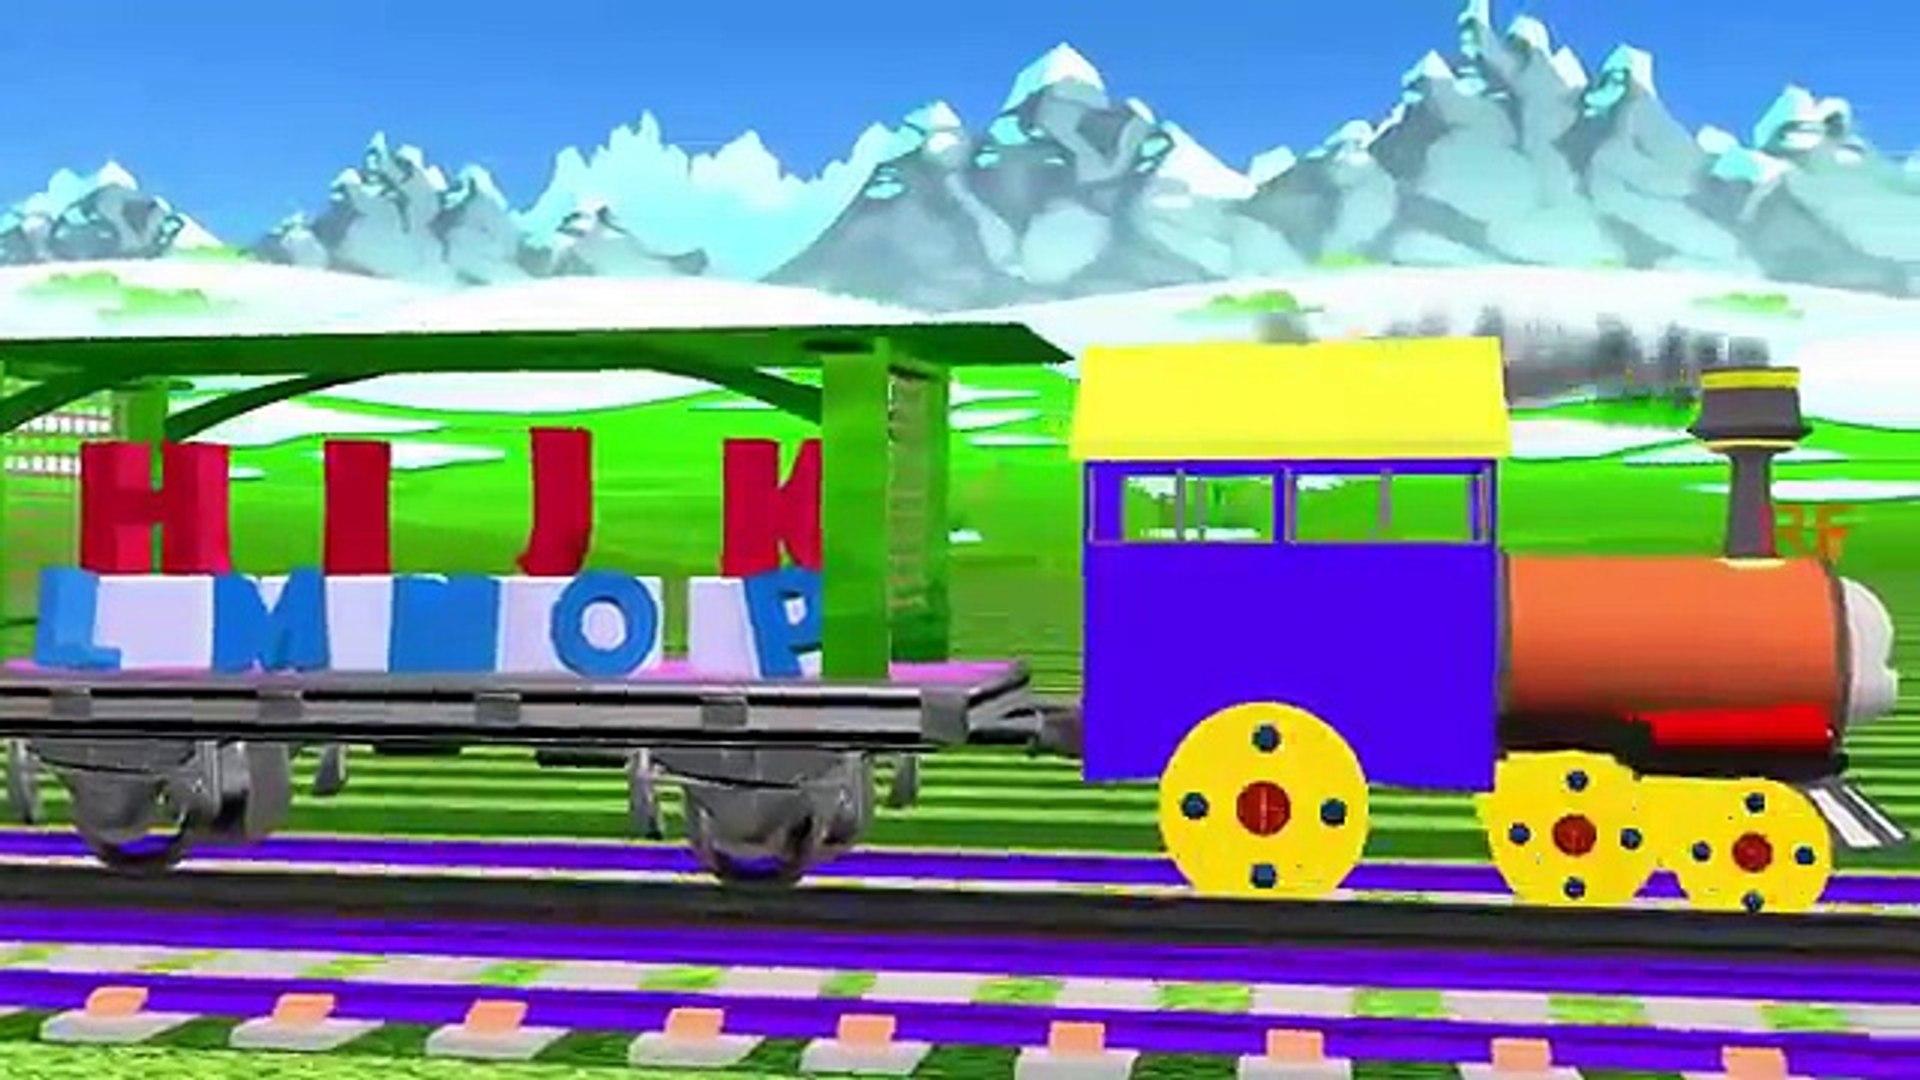 ABC алфавитов на поезд | песни A до Z для детей | 3D анимация игрушки для дошкольных детей